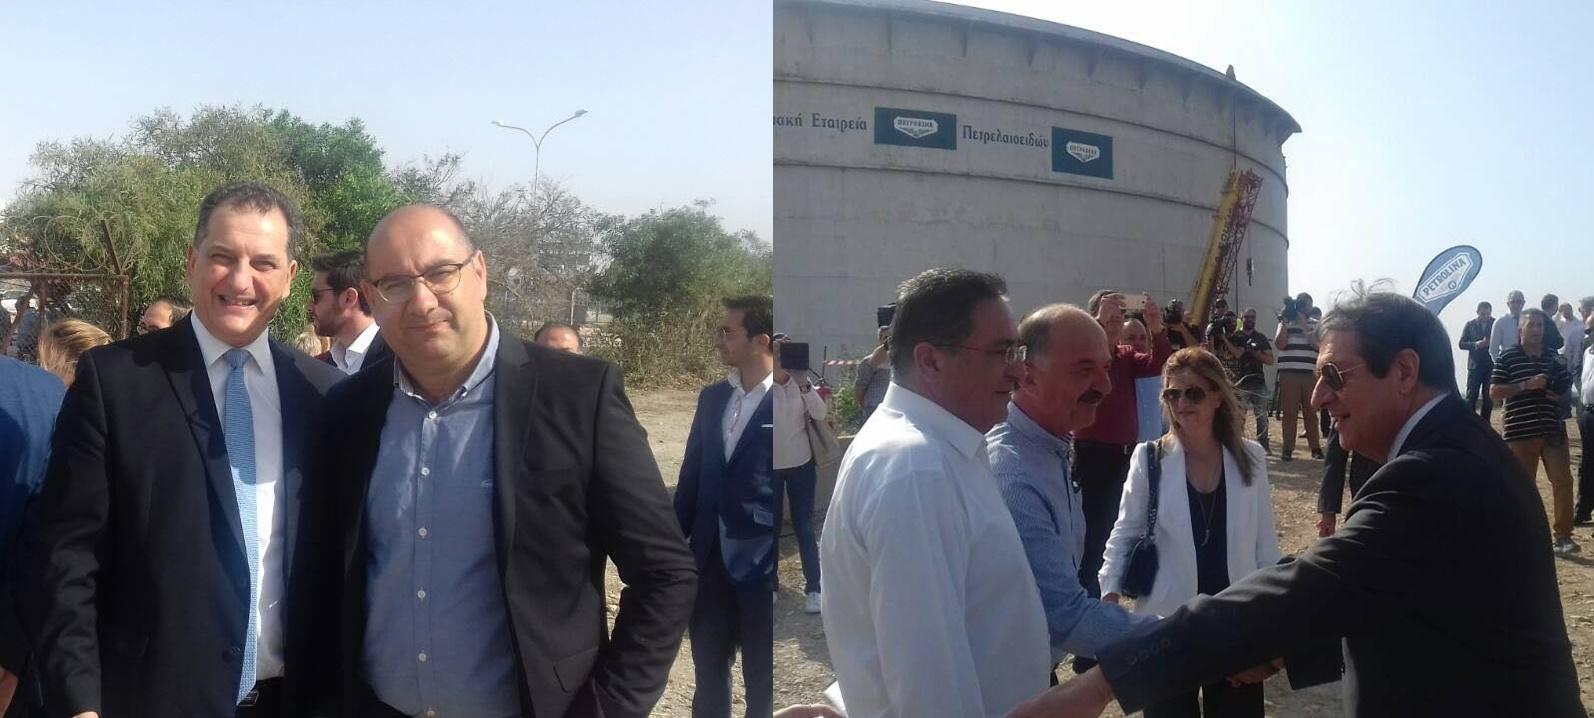 Έφτασε στη Λάρνακα ο Πρόεδρος της Δημοκρατίας Νίκος Αναστασιάδης (pics)